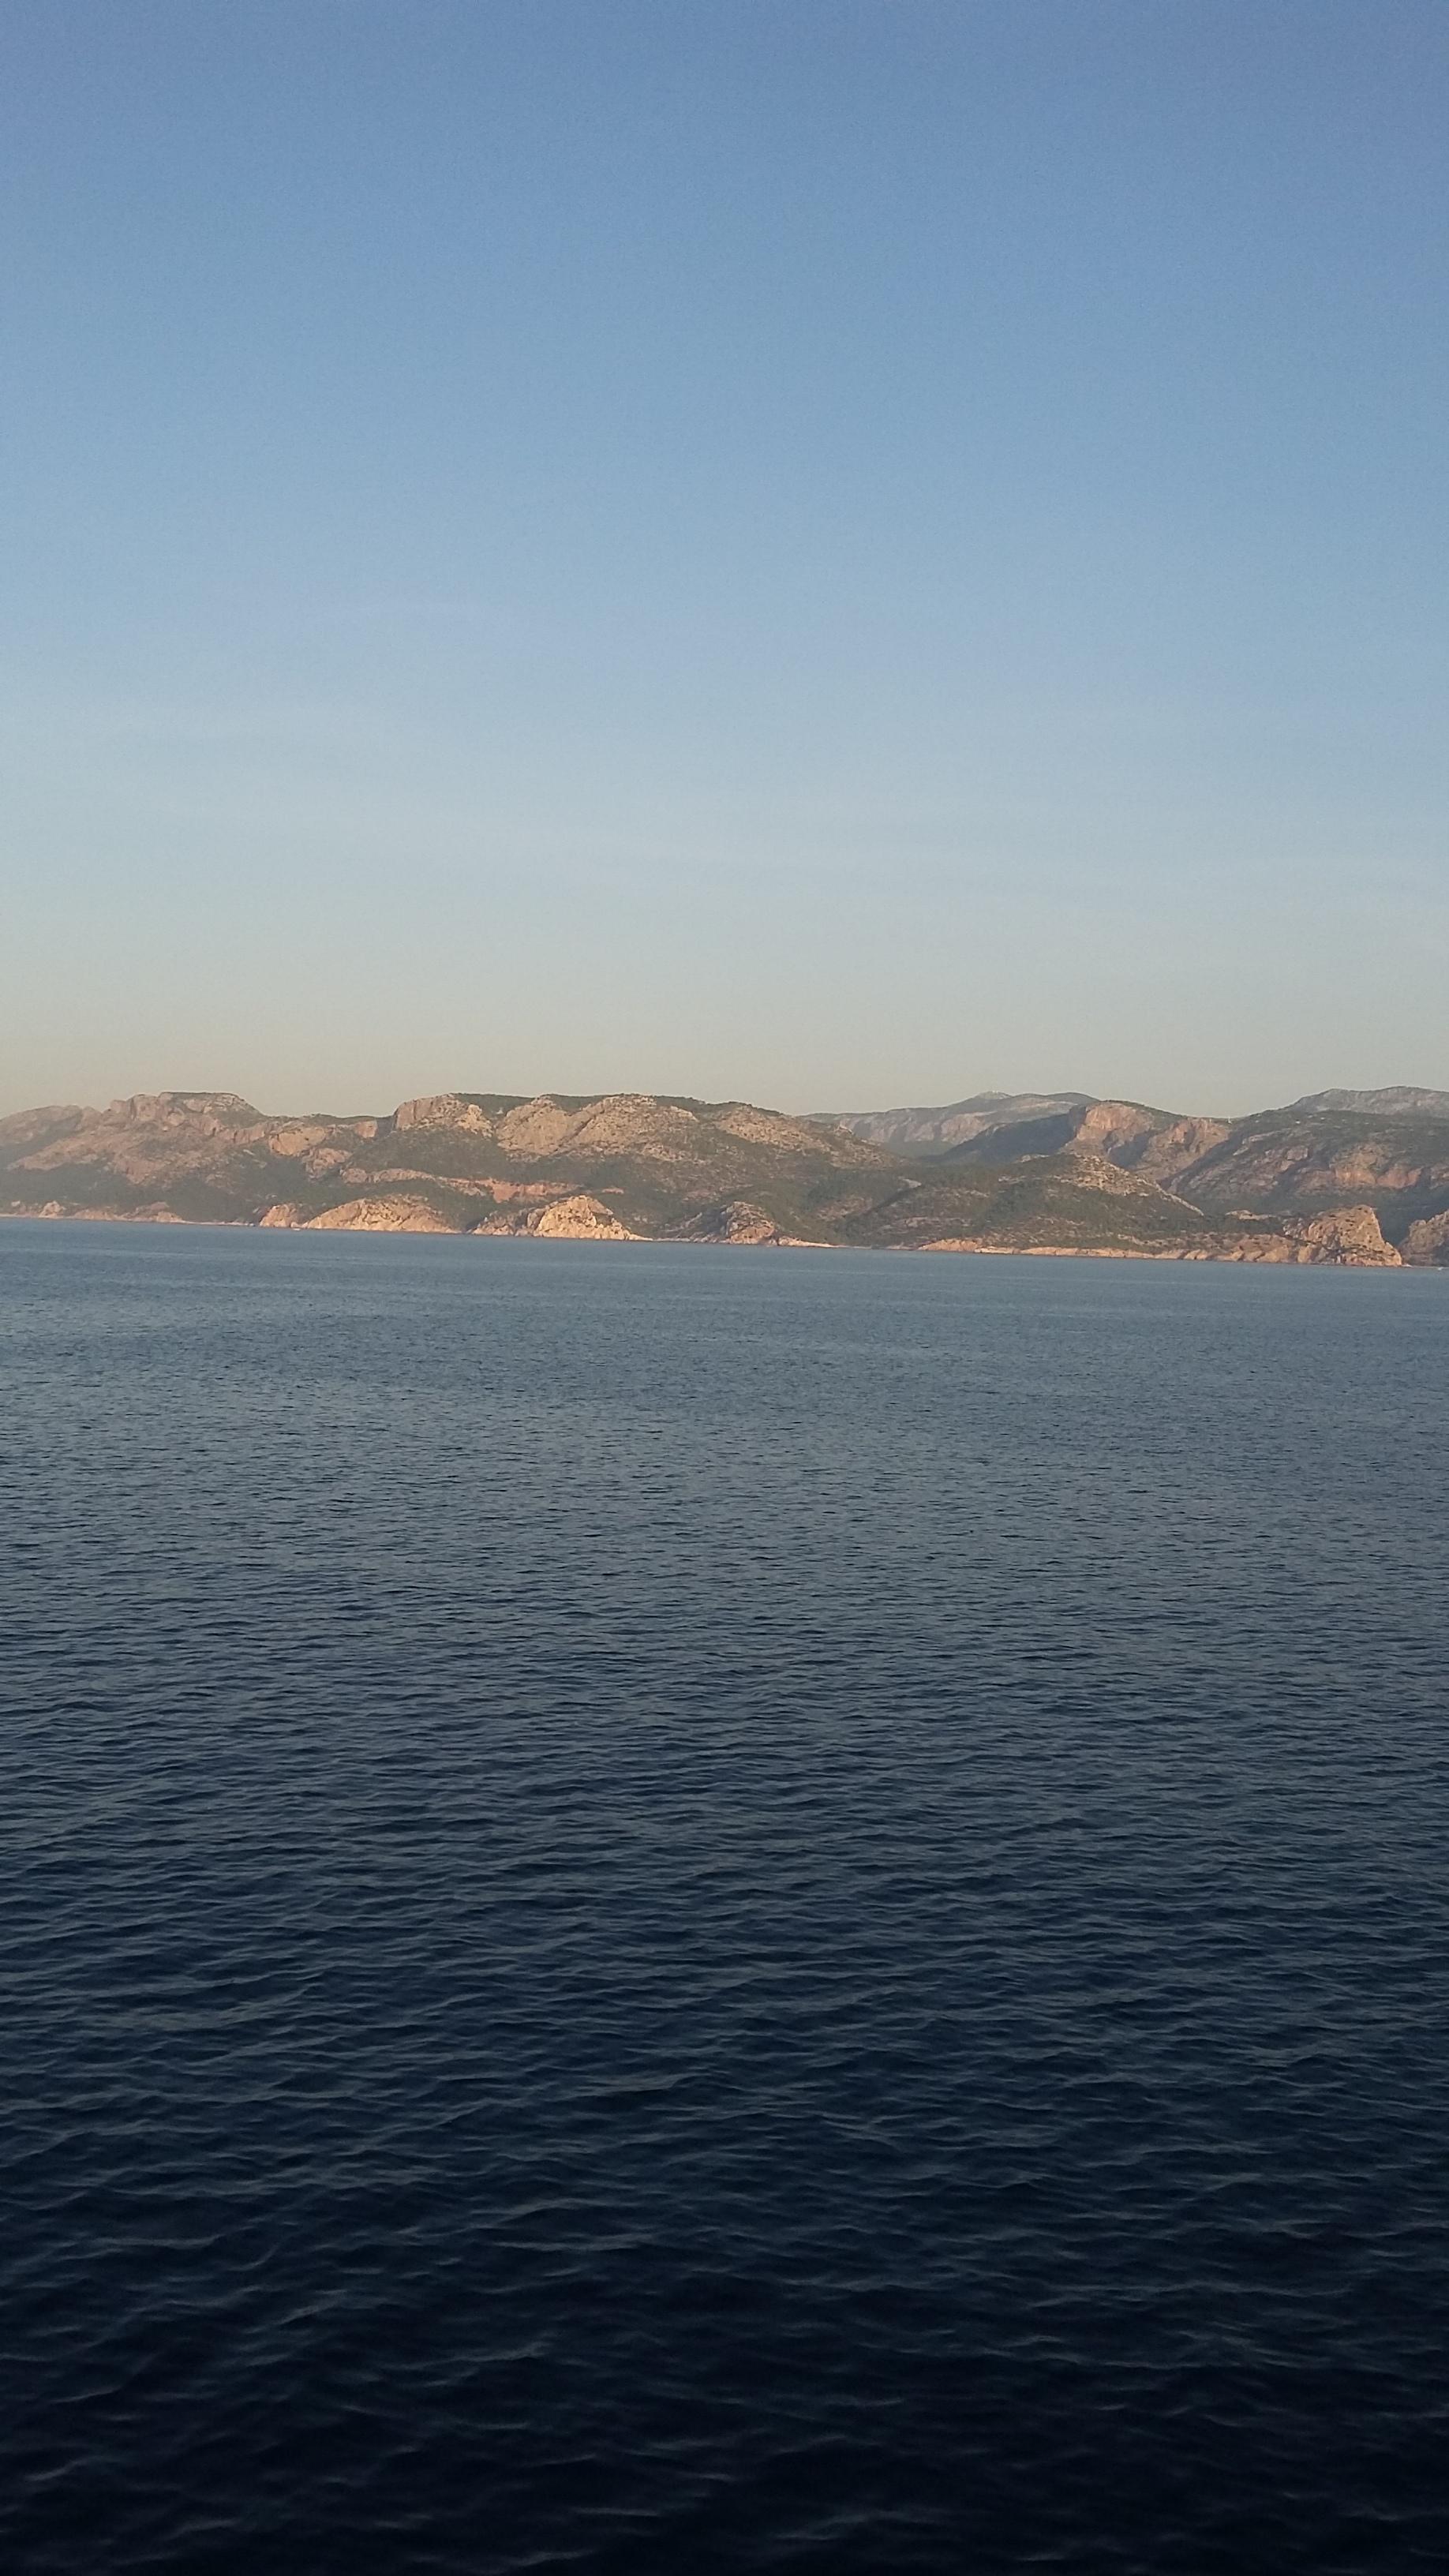 Ferry to Turkey